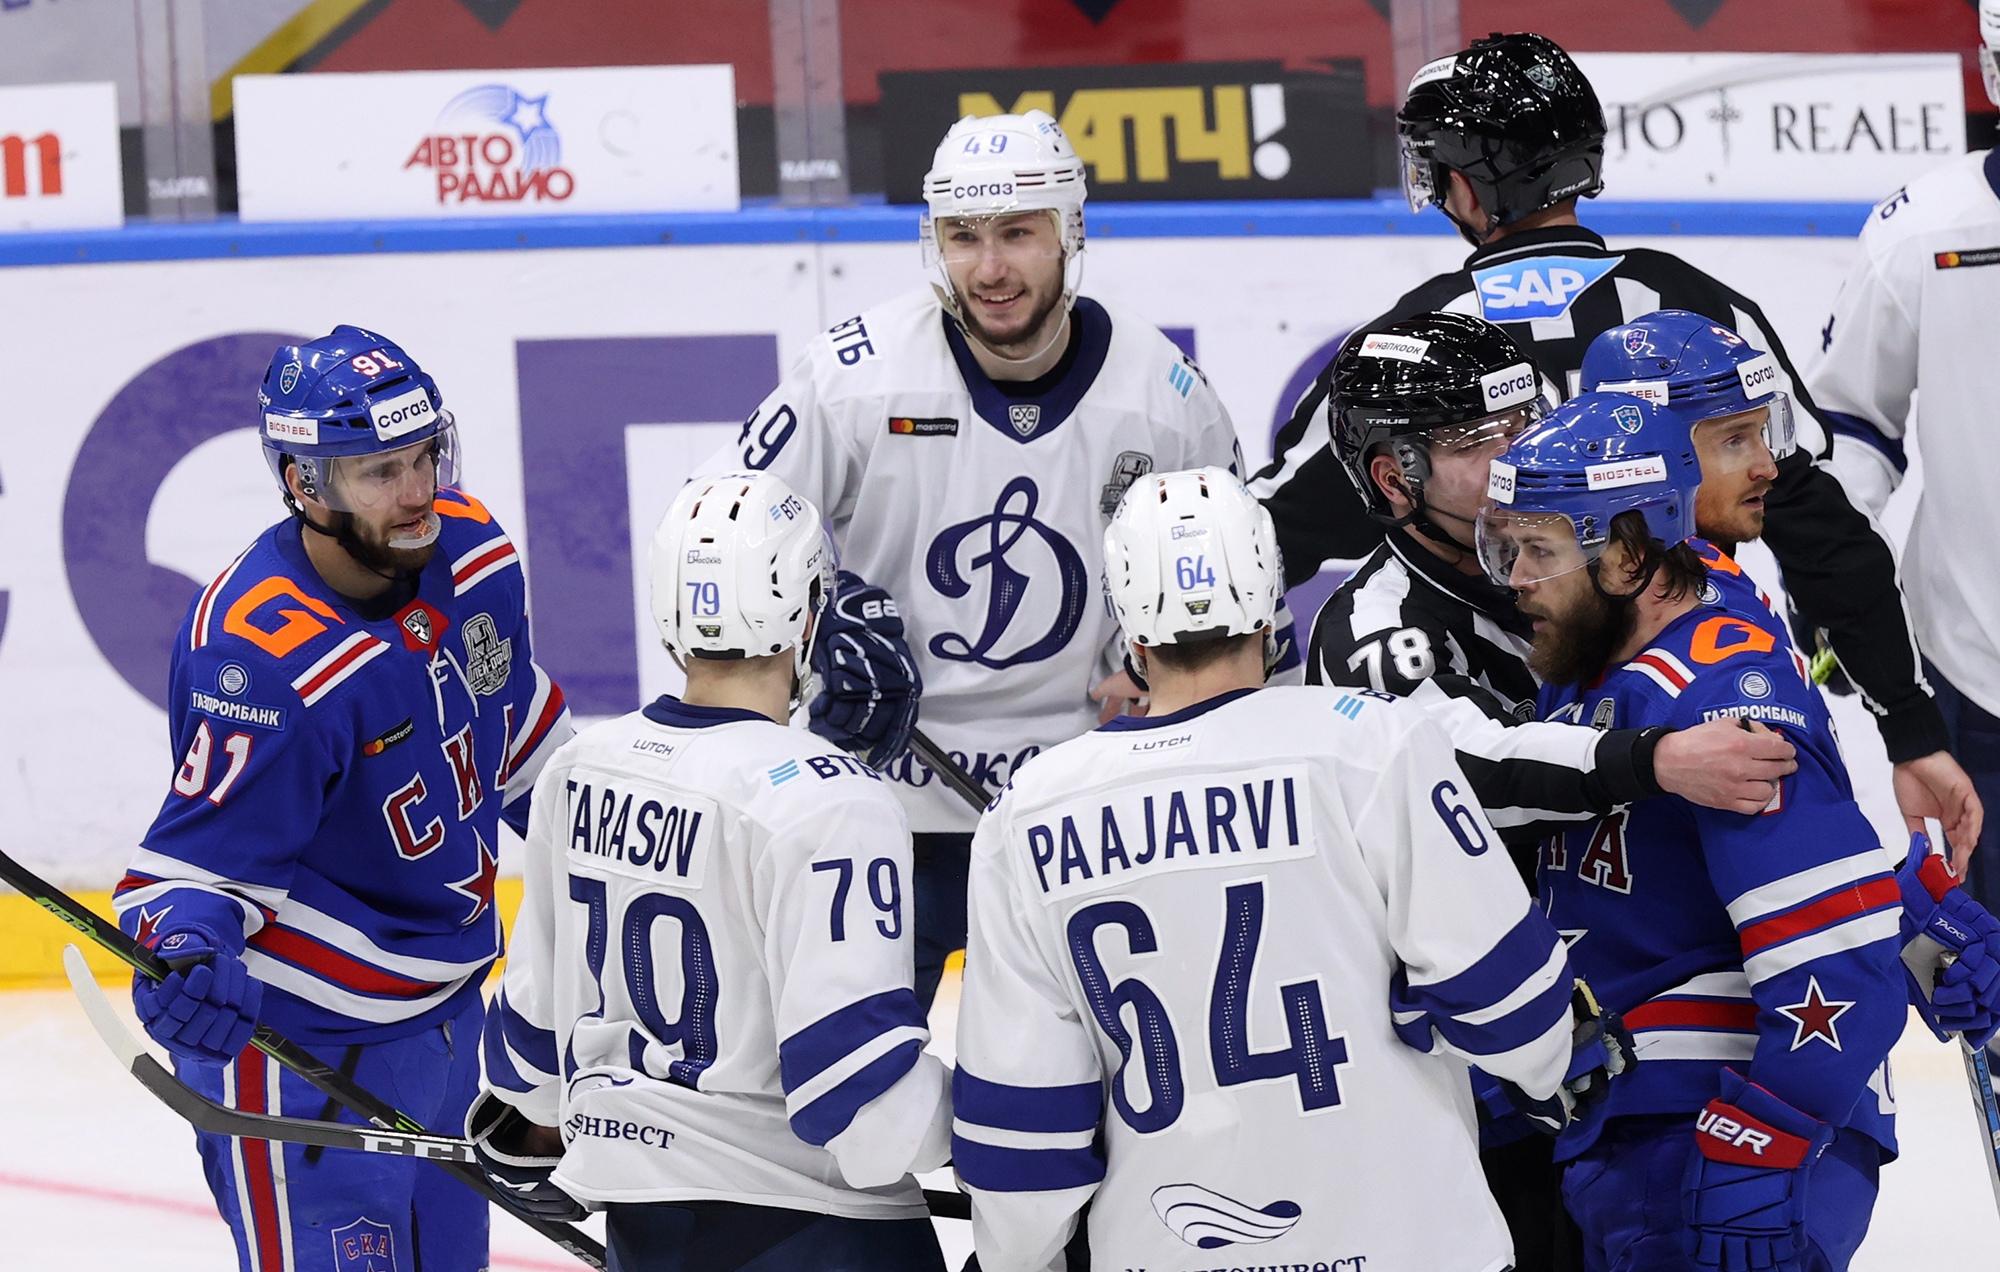 Динамо москва хоккейный клуб смотреть онлайн ночные караоке клубы минск